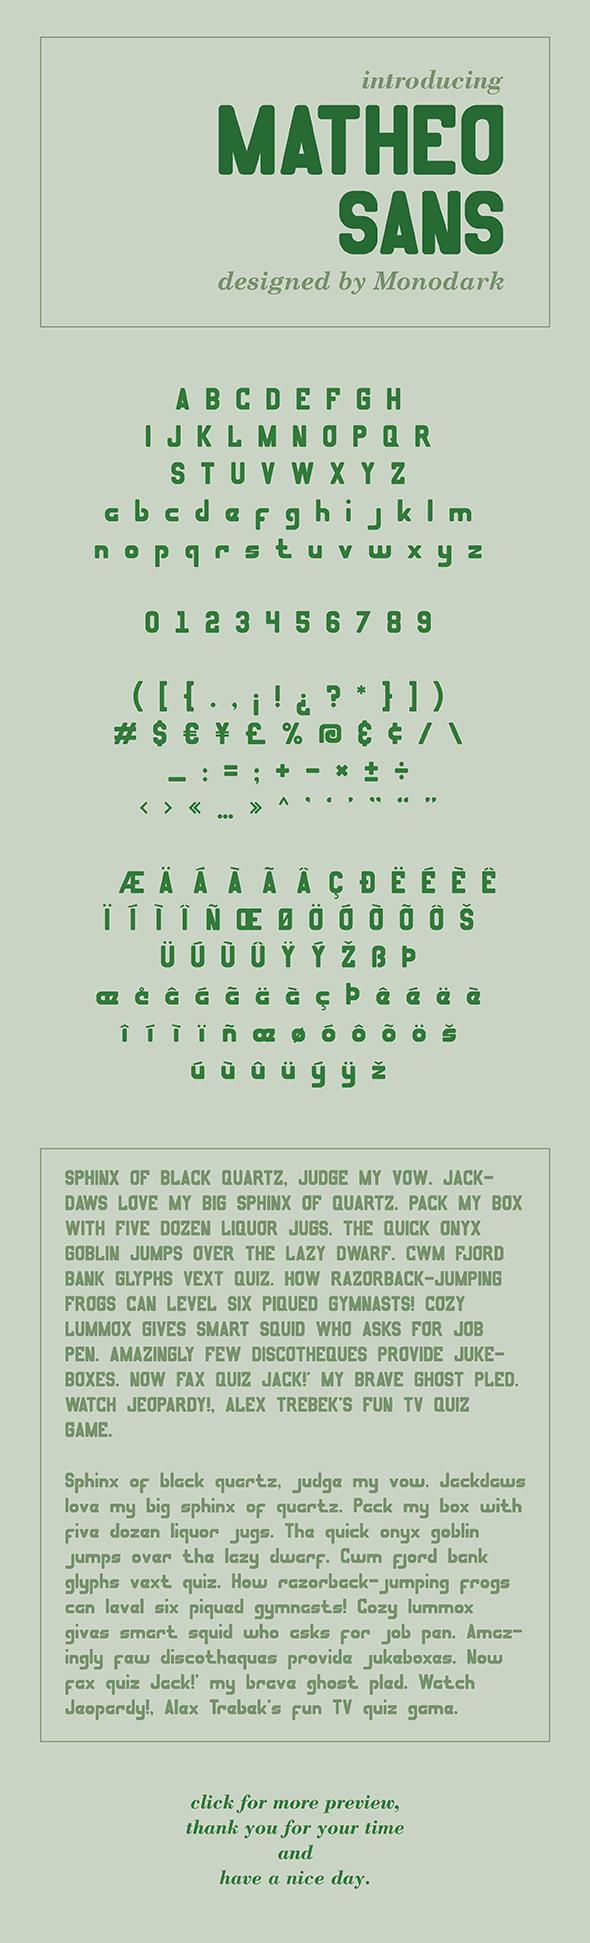 MATHEO SANS - Sans-Serif Fonts